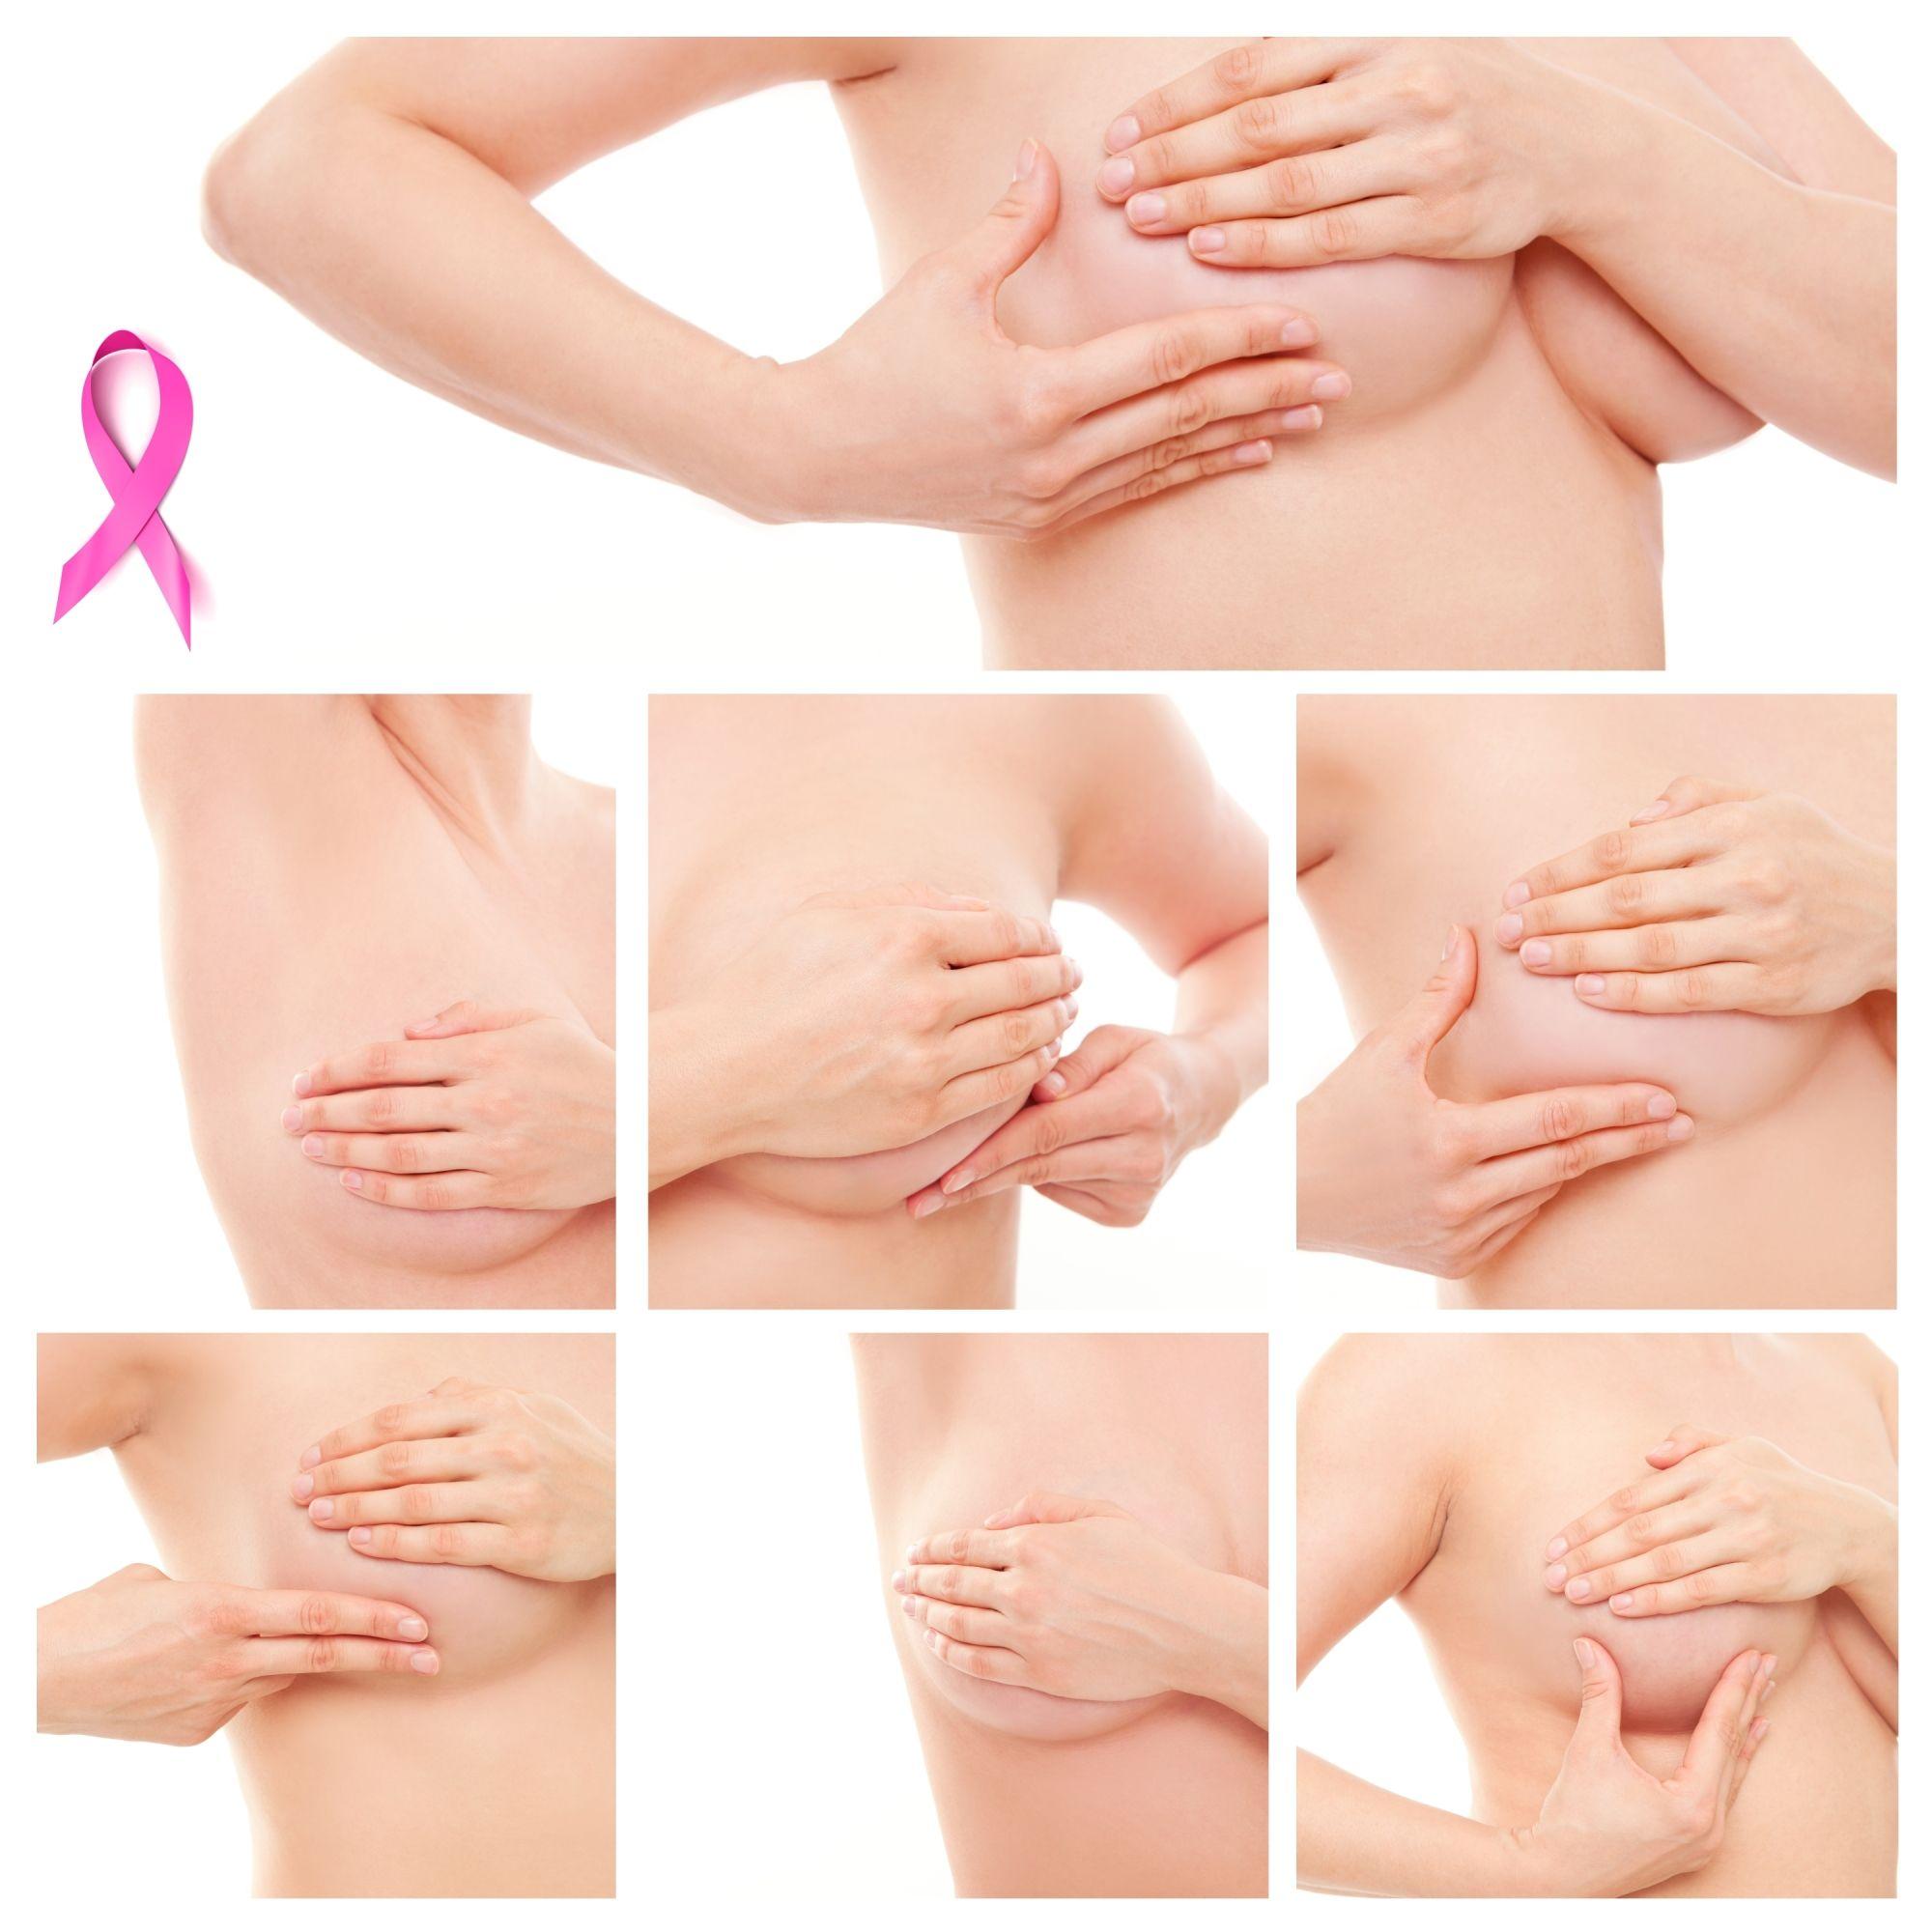 Cómo-hacerse-el-examen-de-cáncer-de-mama